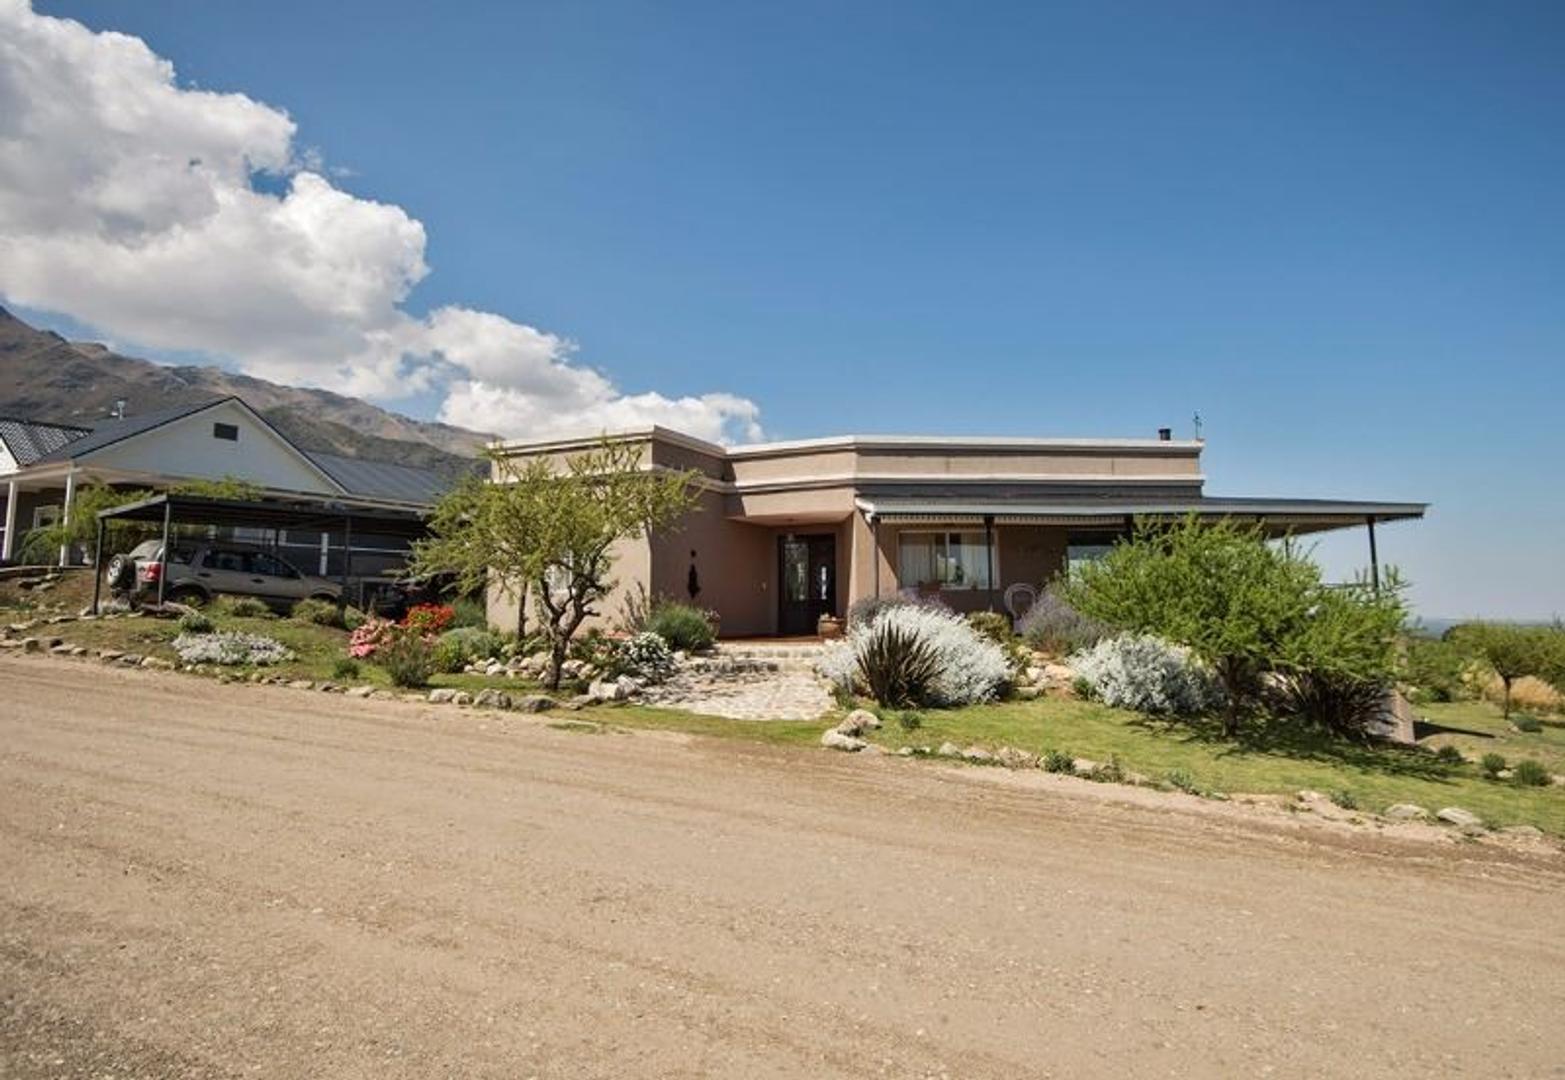 Casa impecable en Country Las Cascadas, Carpintería, San Luis